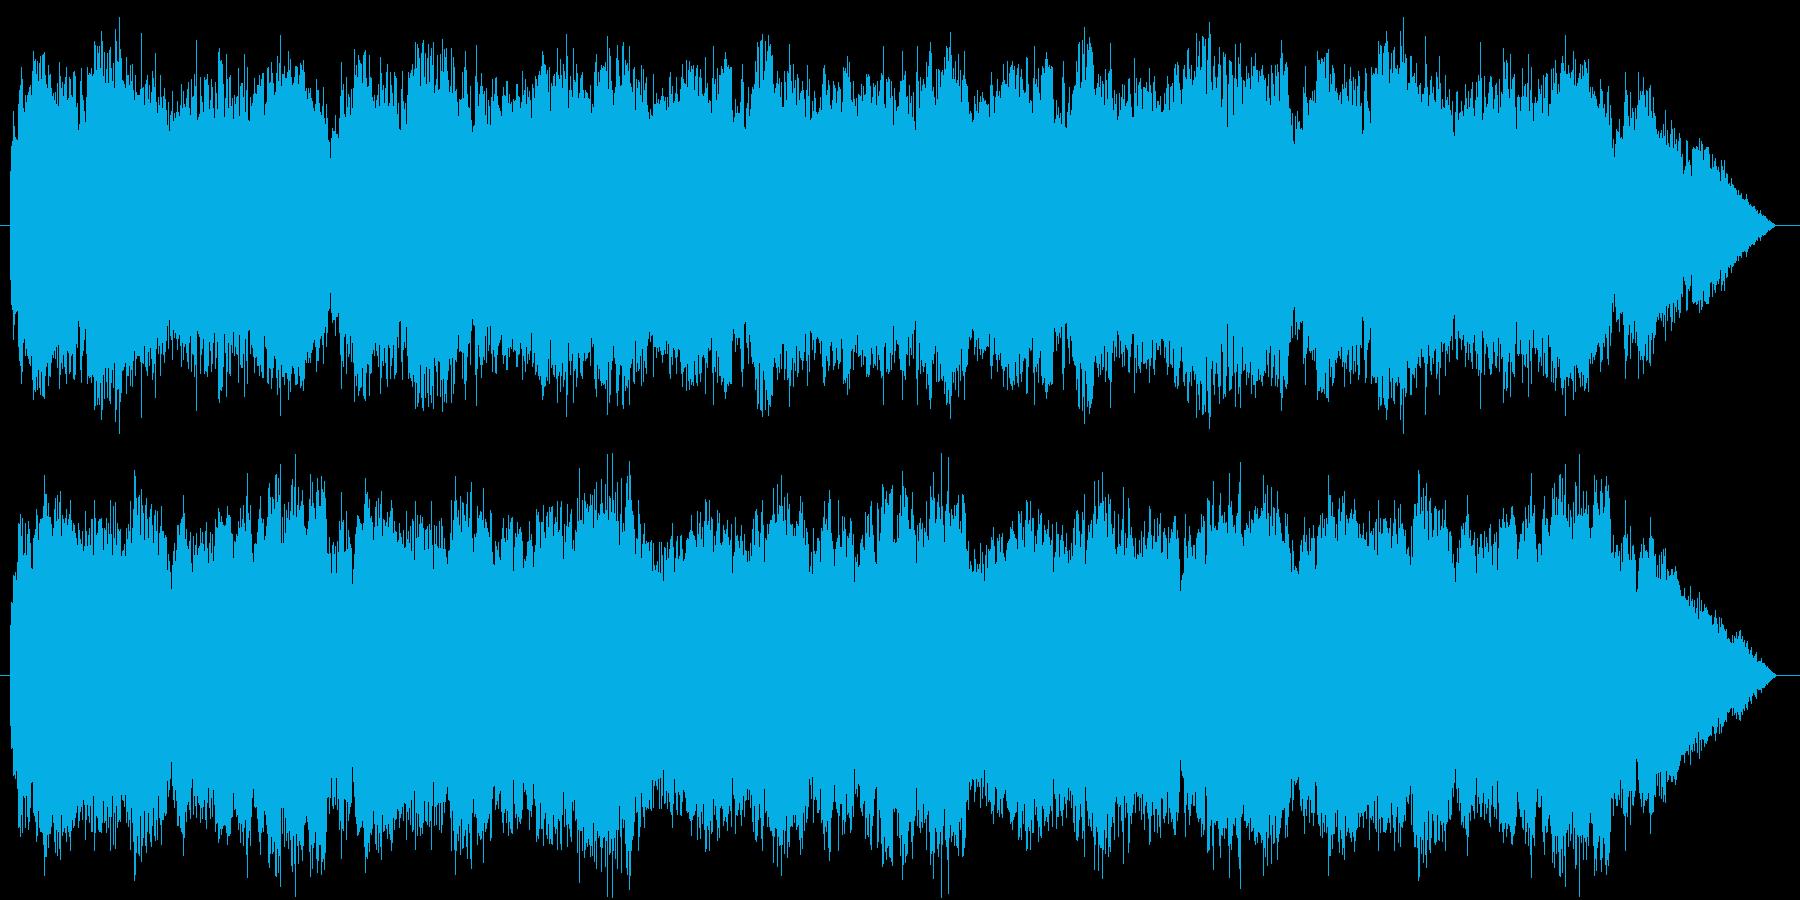 木管と弦主体ののどかな村のイメージの再生済みの波形